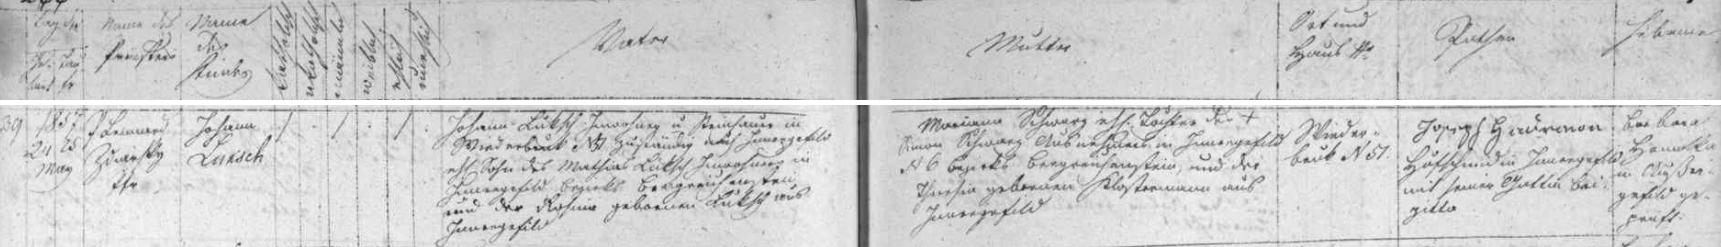 Záznam kvildské matriky o narození jeho děda Johanna Luksche